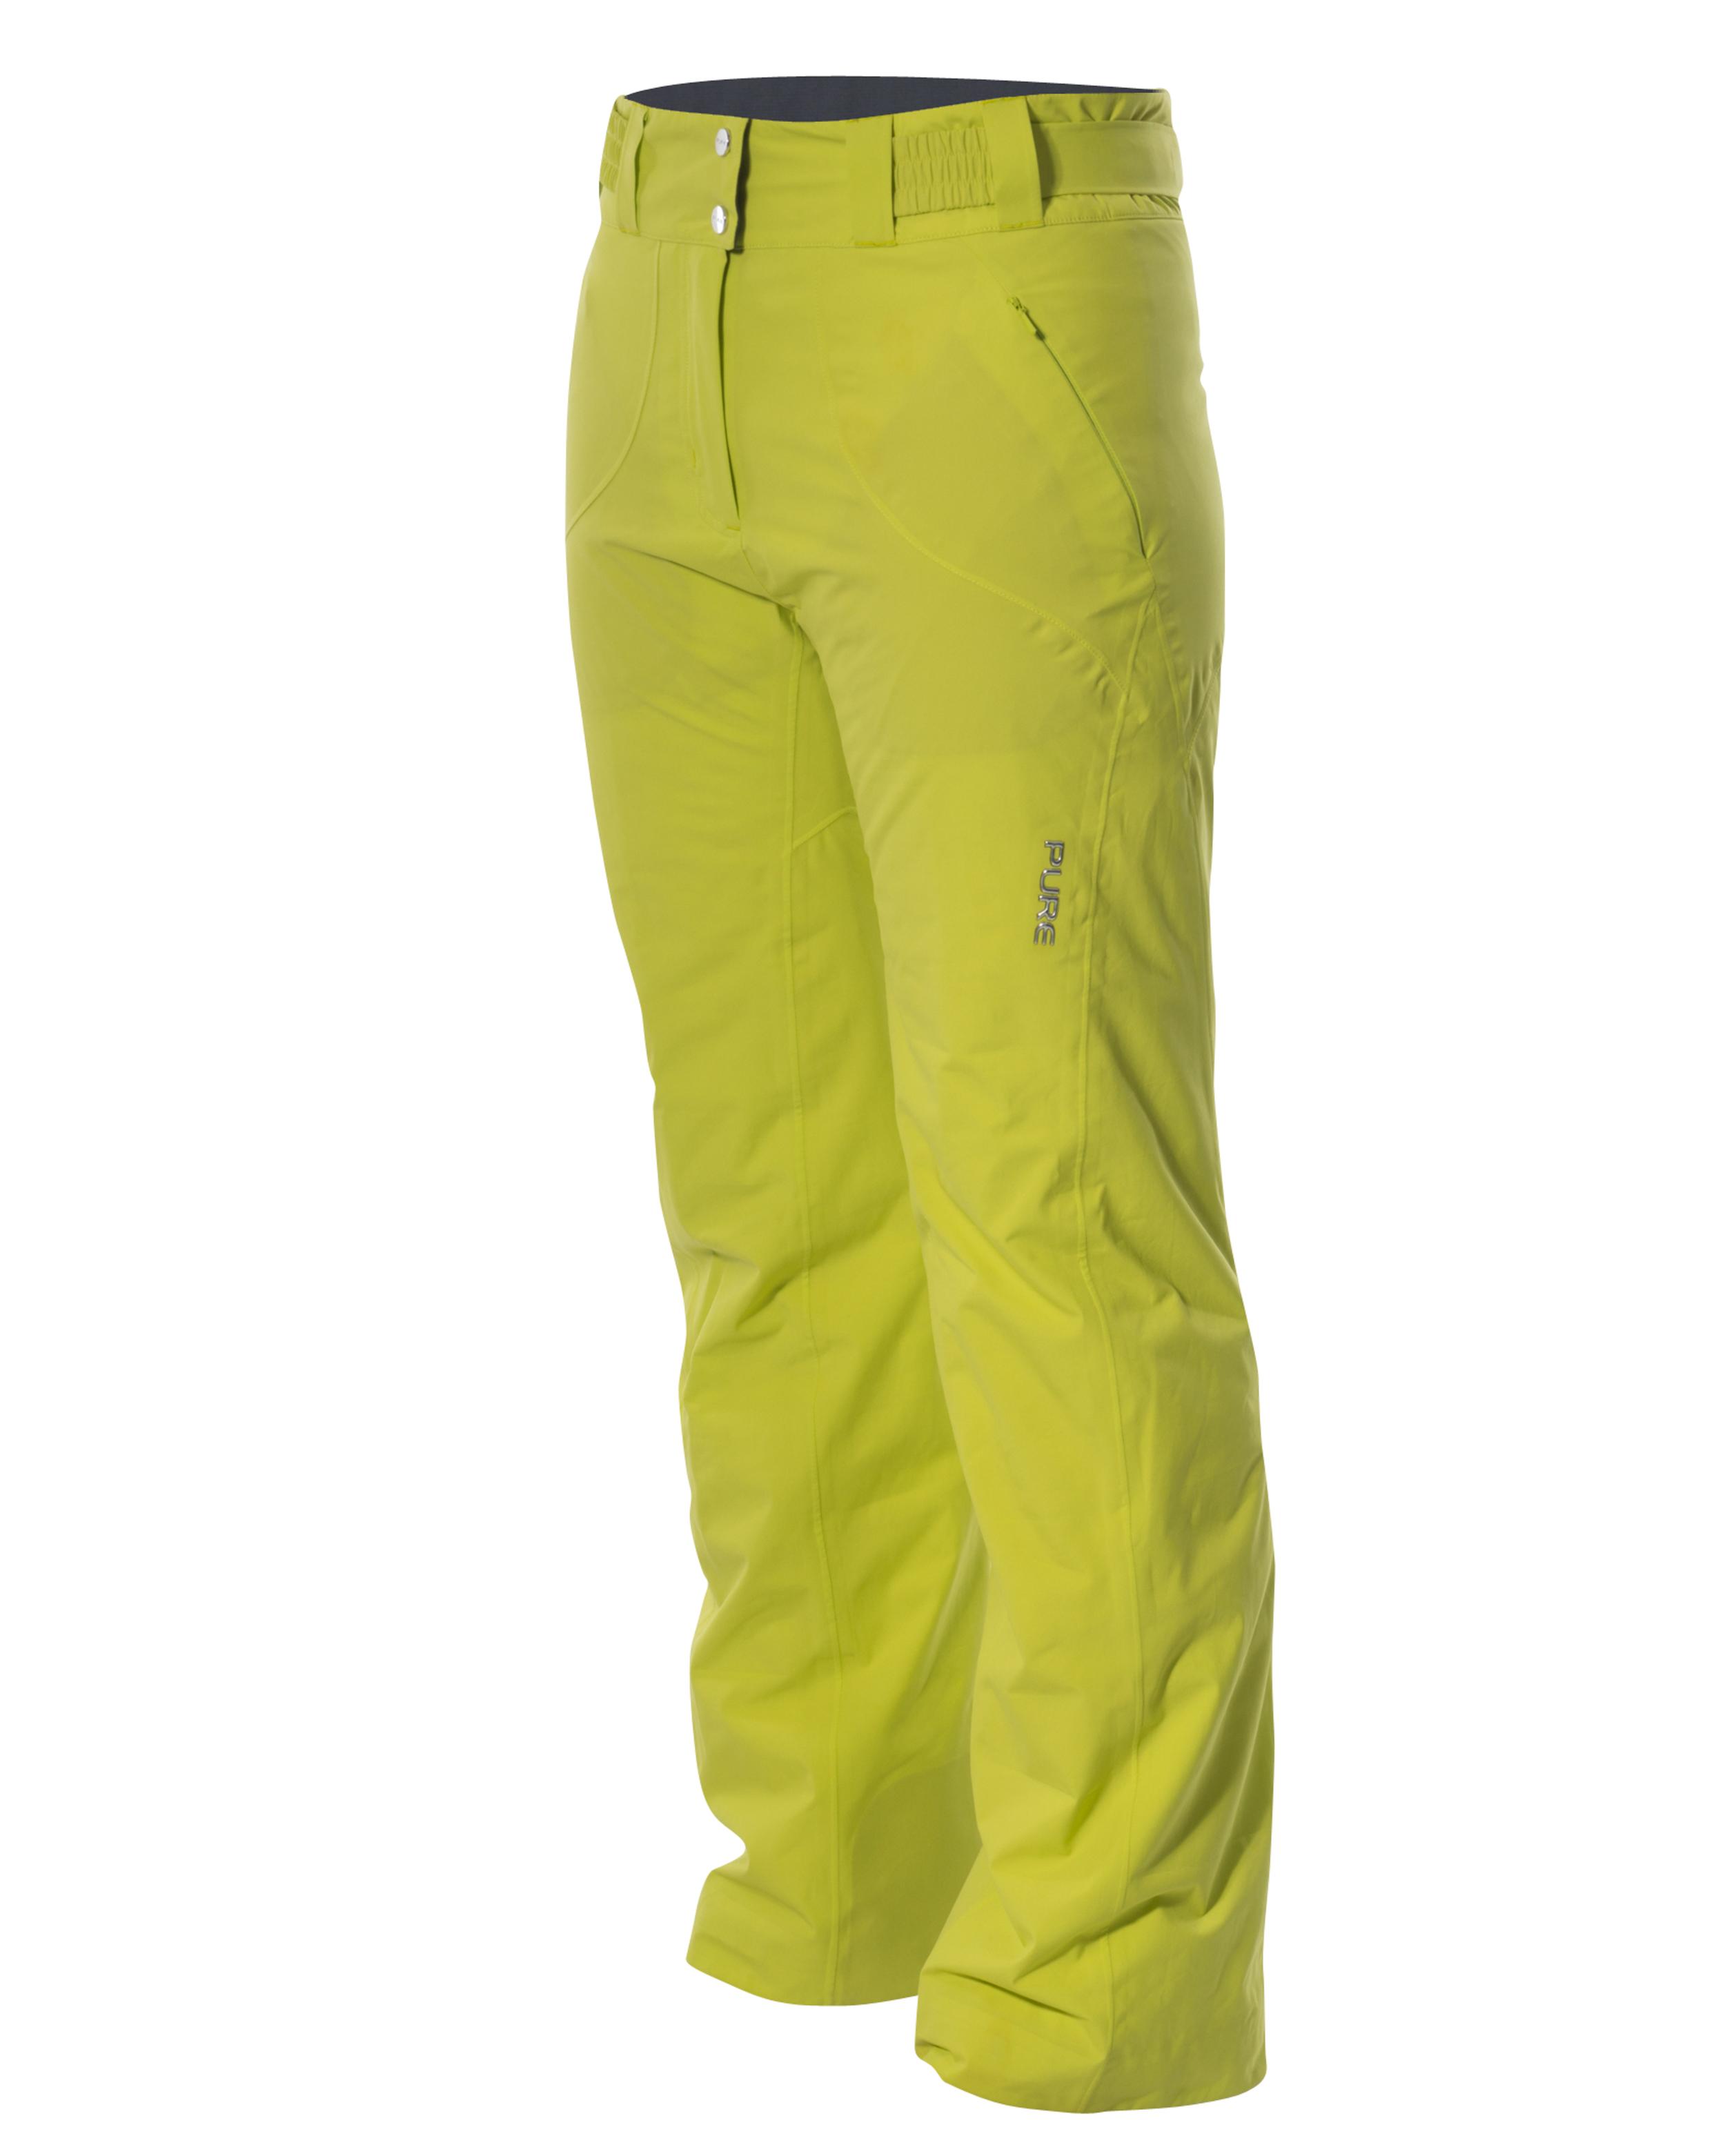 Aspen Women's Pure Snow - Lime